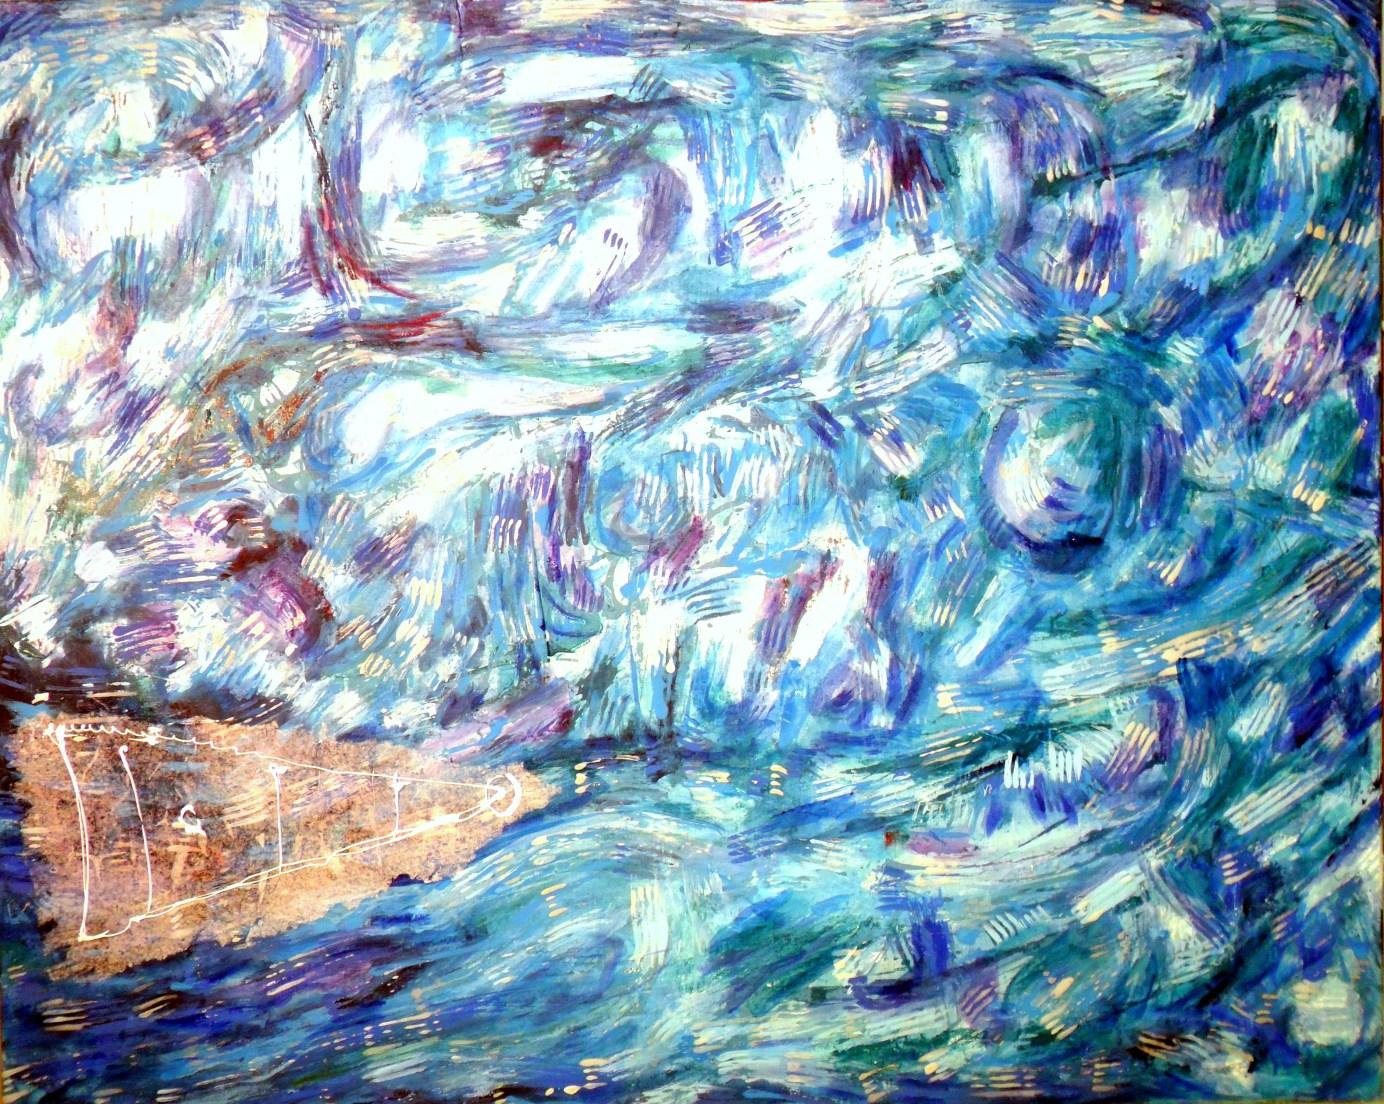 Diálogo de partículas antes de la creacion. Dialogo con el agua. 130 x 90 cm. Mixta sobre tela.02.05.2014